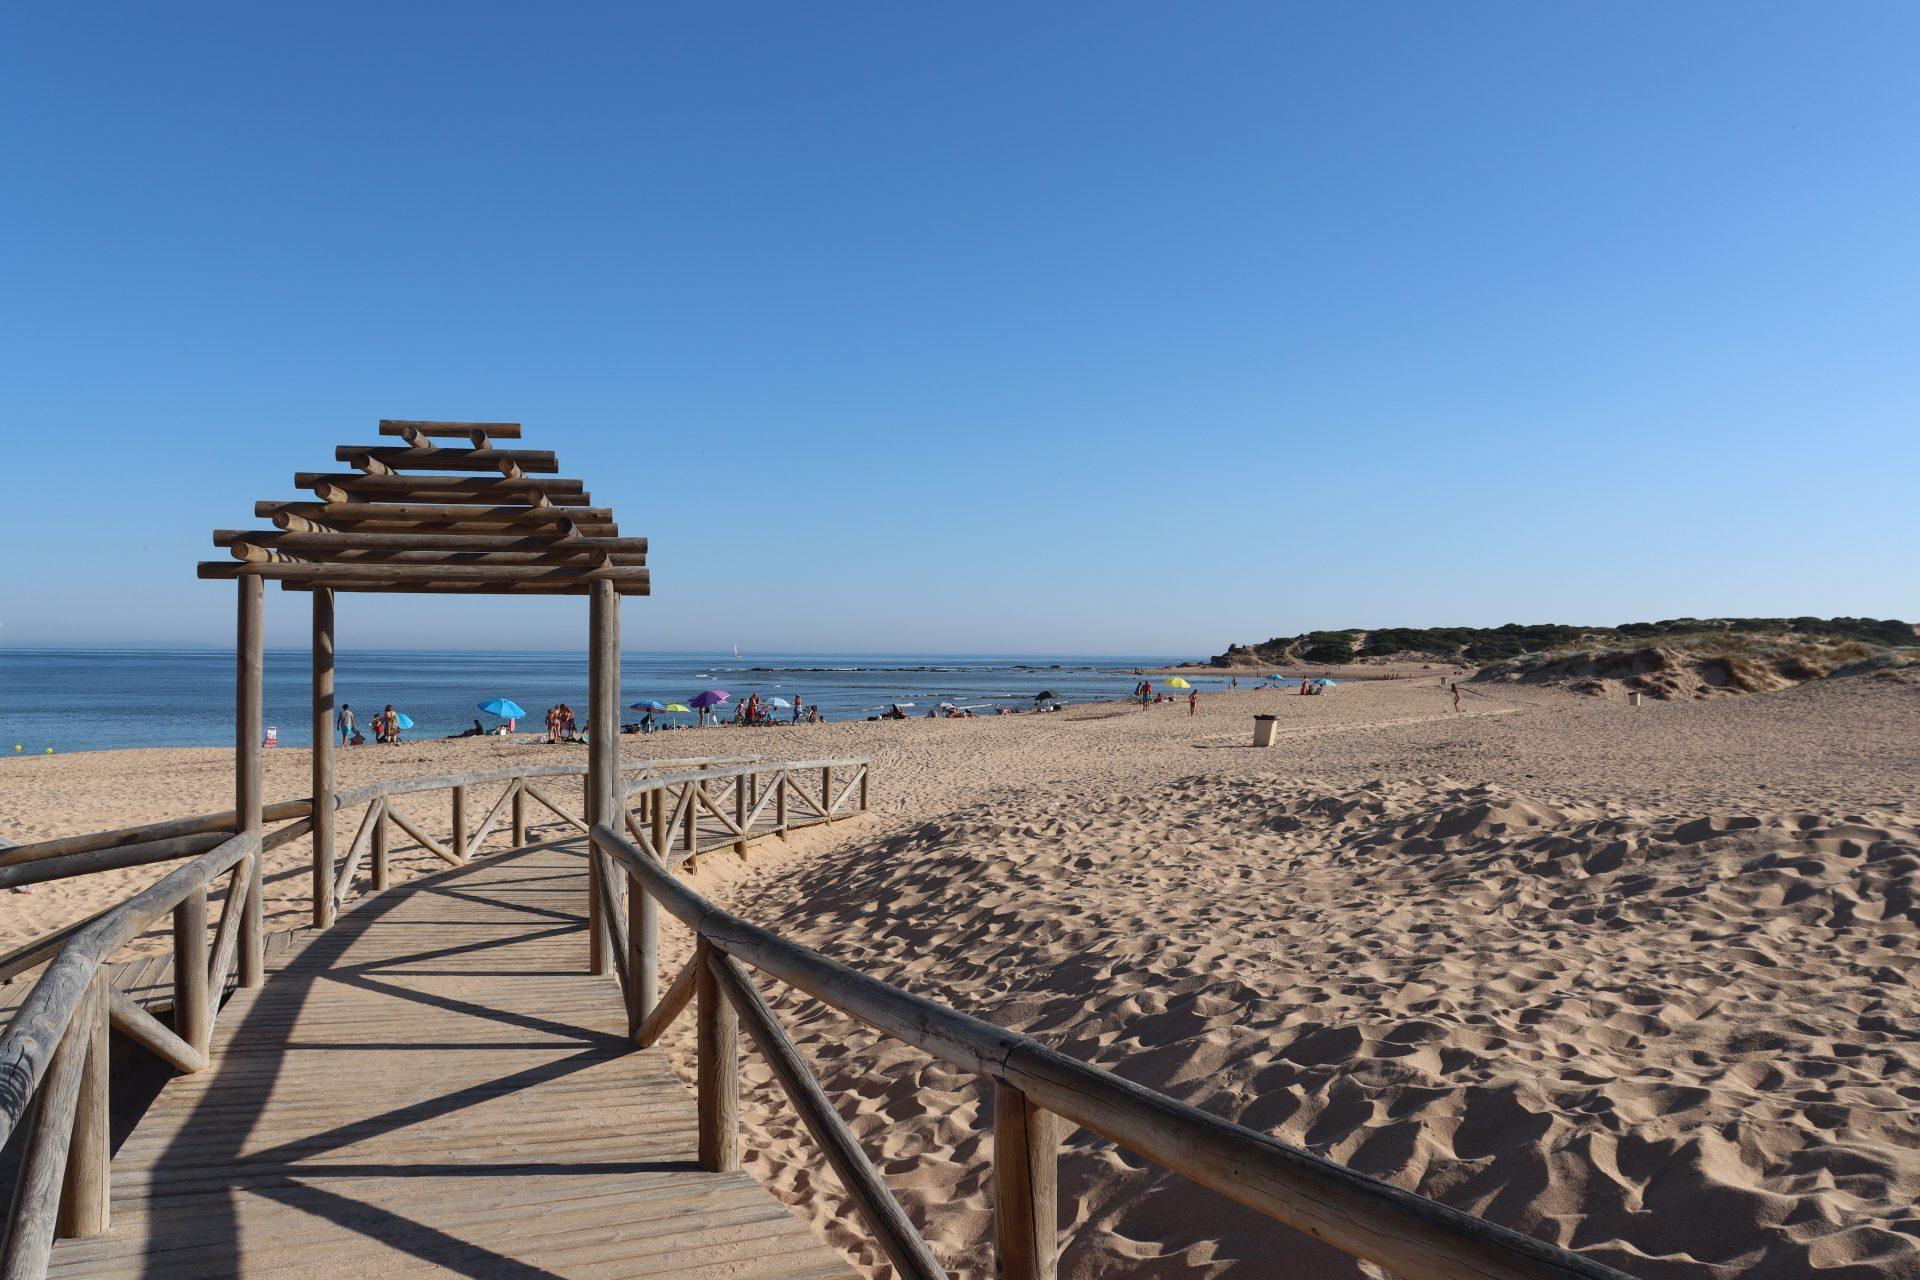 Playa de Trafalgar (Cádiz)